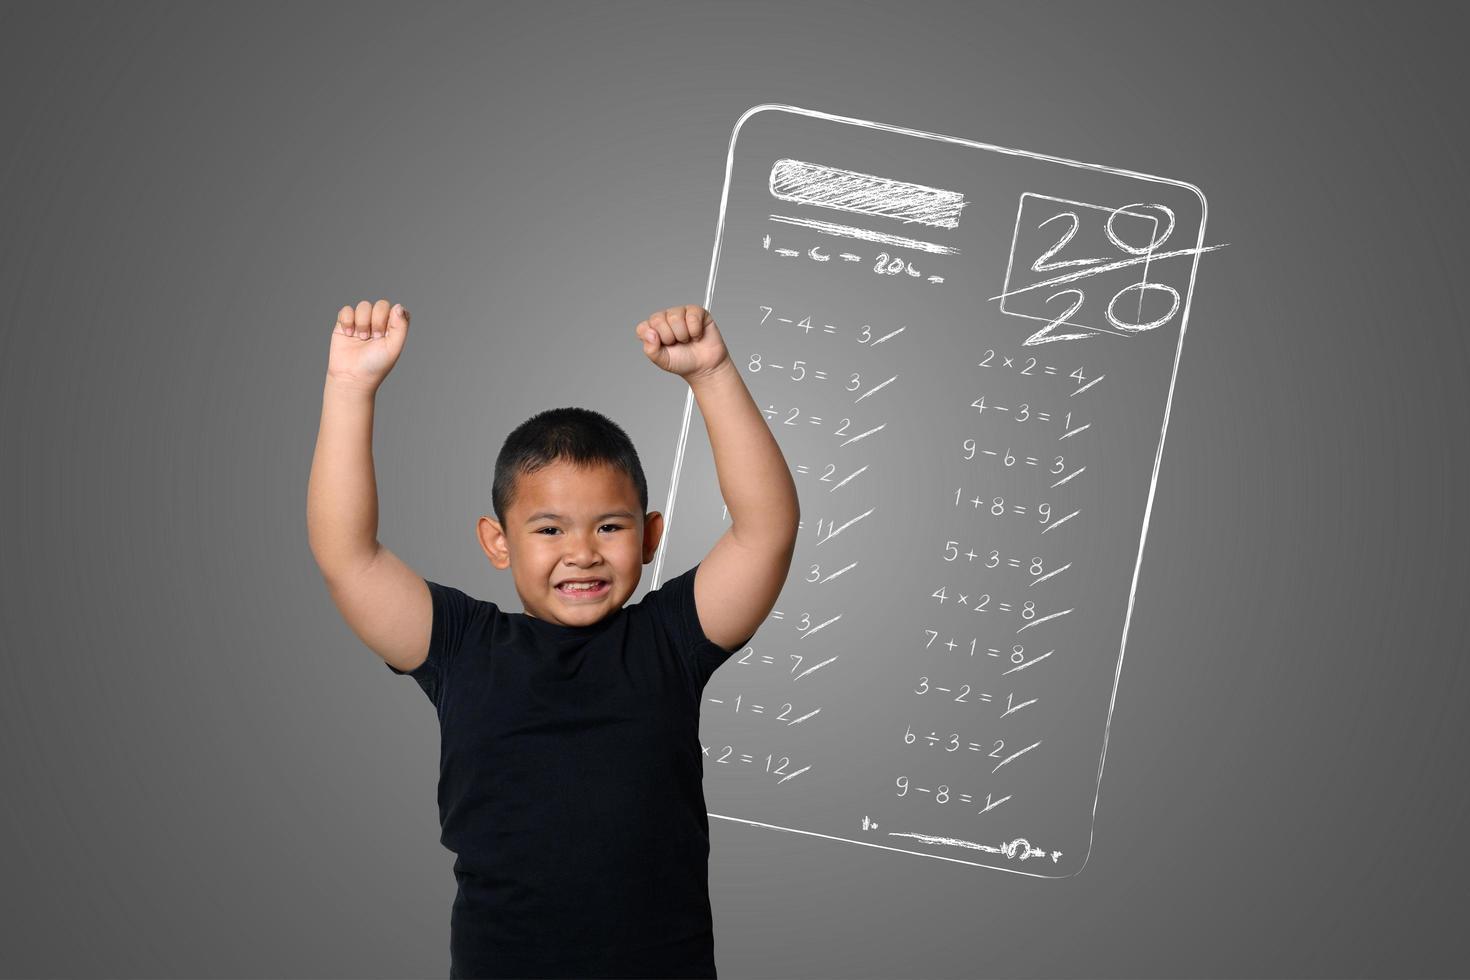 menino mostra nota máxima em testes escolares na lousa foto